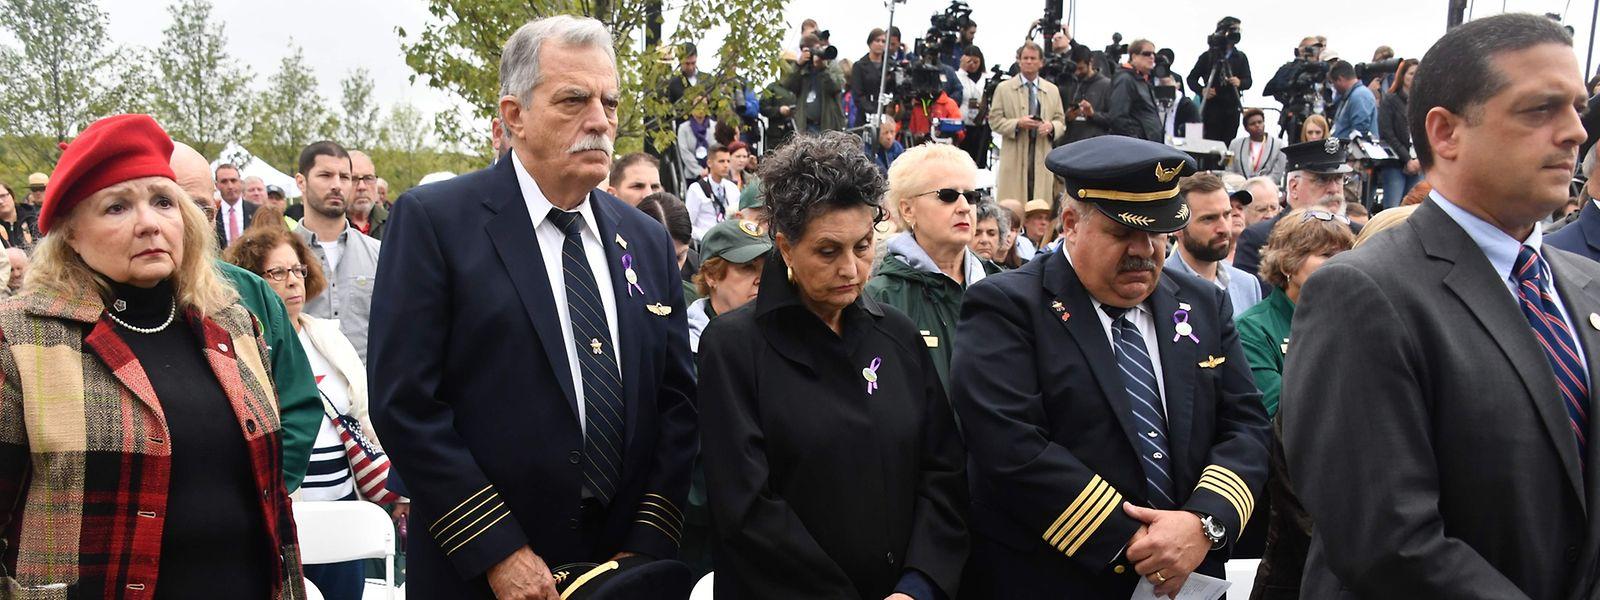 """In Shanksville, Pennsylvania gedachten die Menschen des Absturzes von """"Flight 93"""" - der Maschine, die es nicht zum Attentatsziel der Terroristen schaffte."""